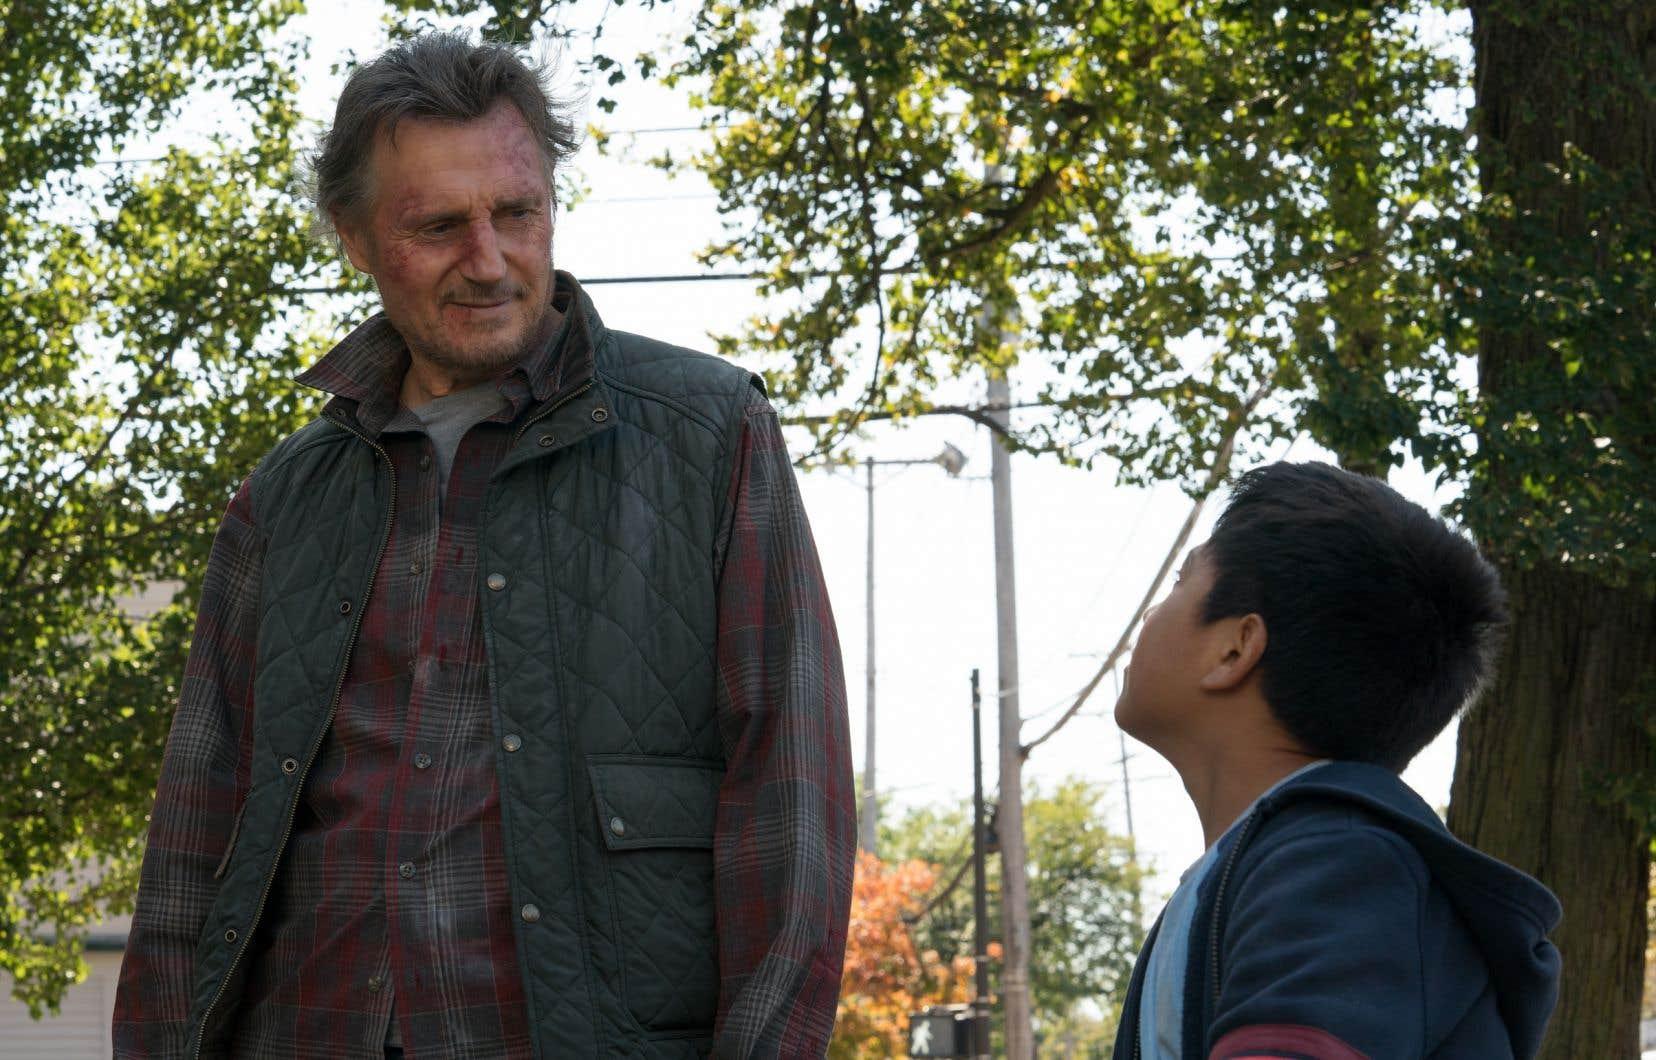 Liam Neeson joue à nouveau, dans «The Marksman», les héros de film d'action gériatrique.